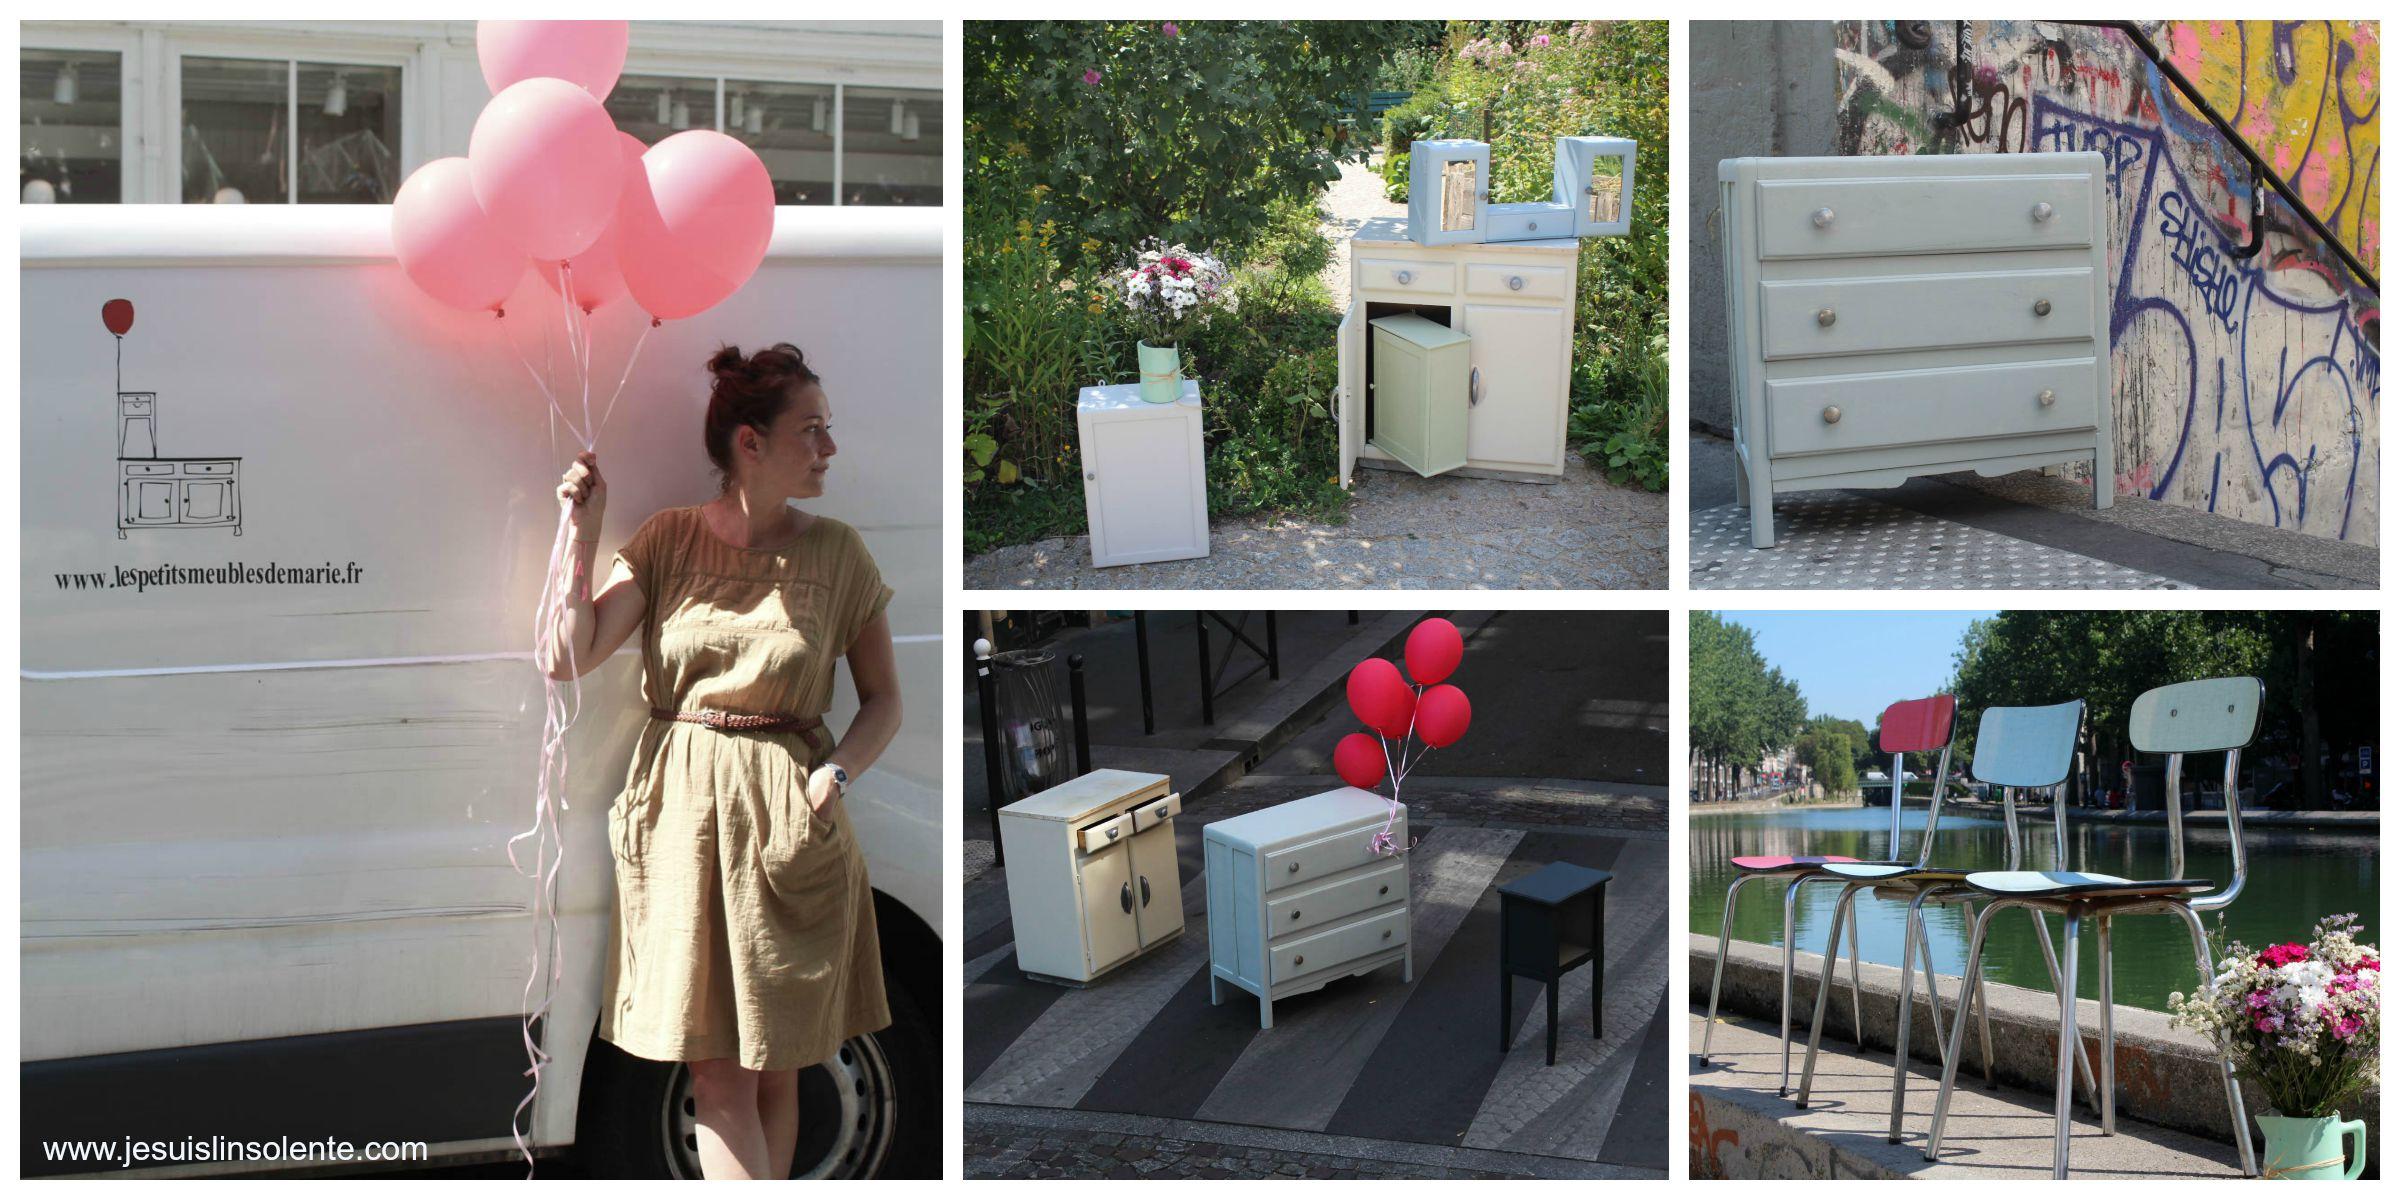 l pour les petits meubles de marie font leur rentr e l 39 insolente. Black Bedroom Furniture Sets. Home Design Ideas